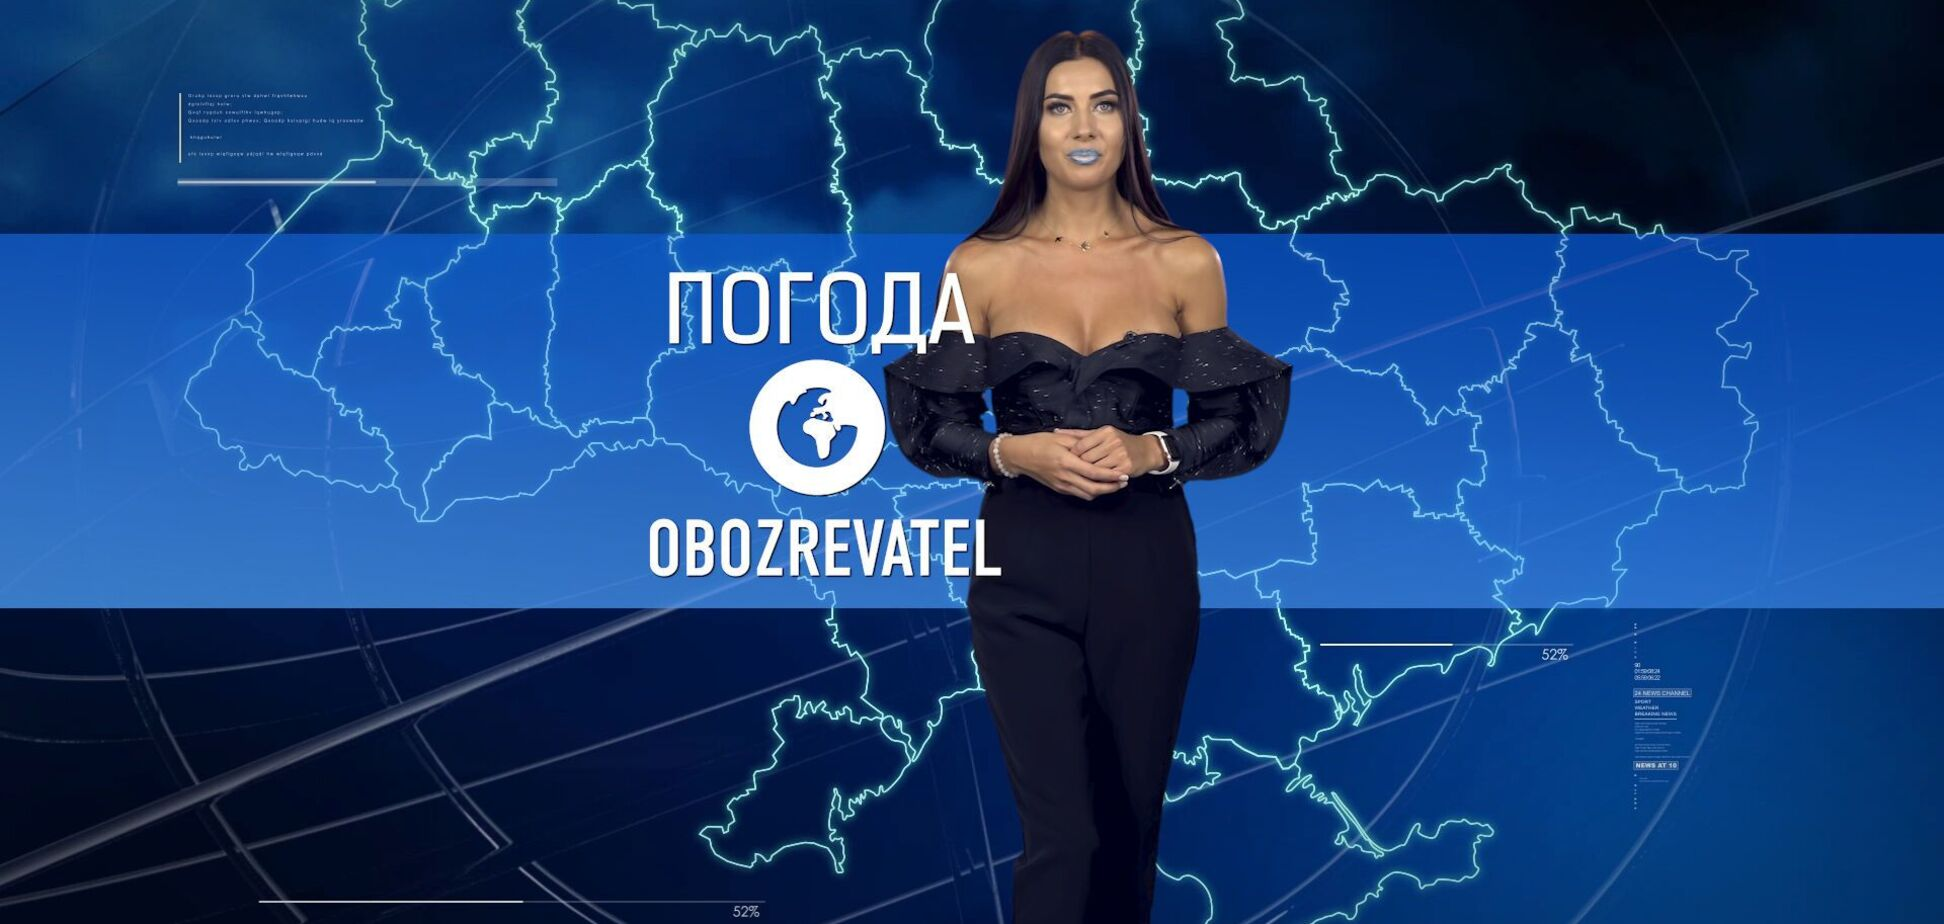 Прогноз погоди в Україні на середу 30 грудня, з Алісою Мярковською